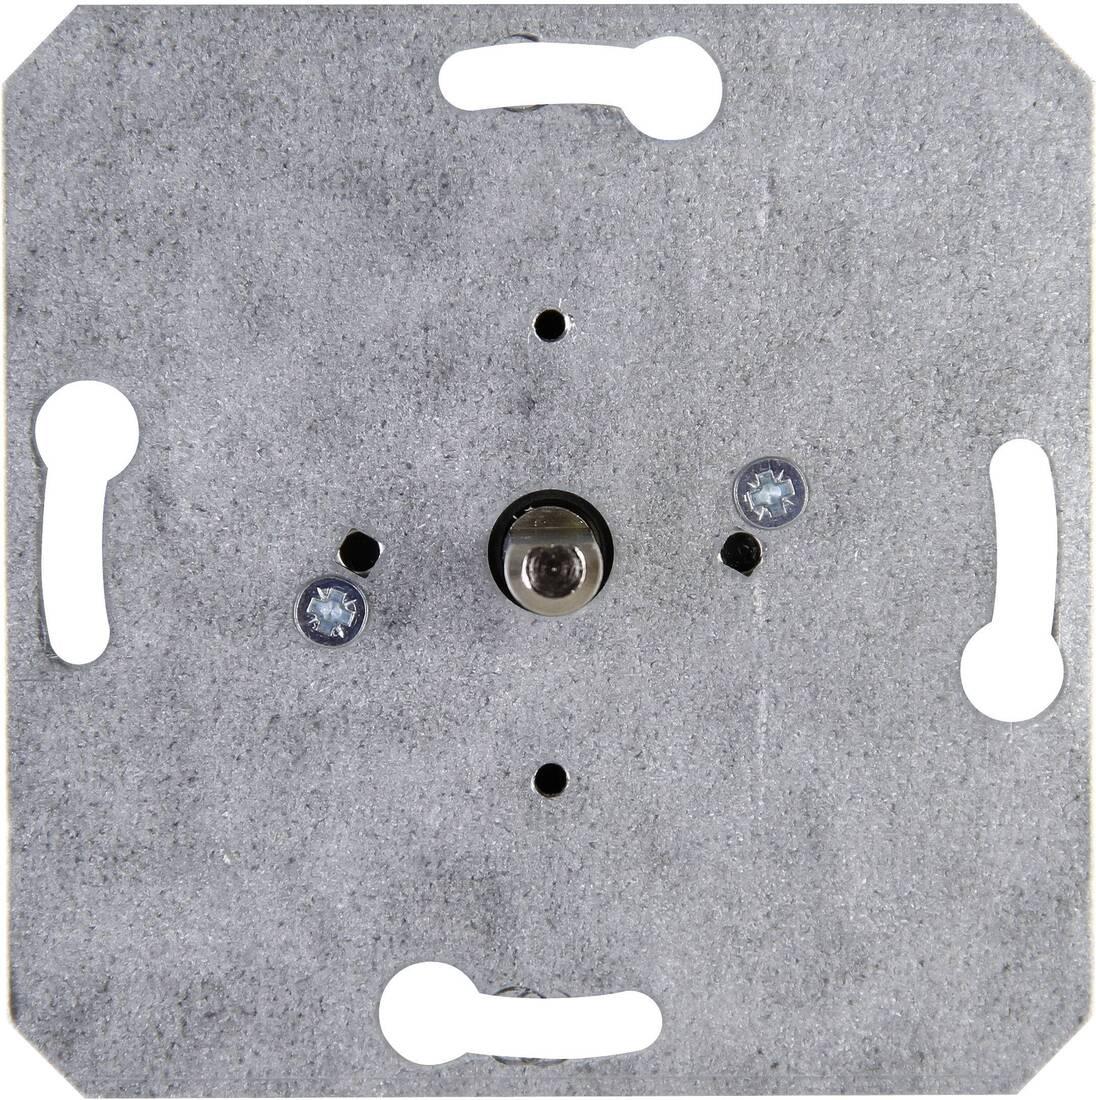 Kopp HK07 sokkel mechanische tijdschakelaar 15 min (195000159)